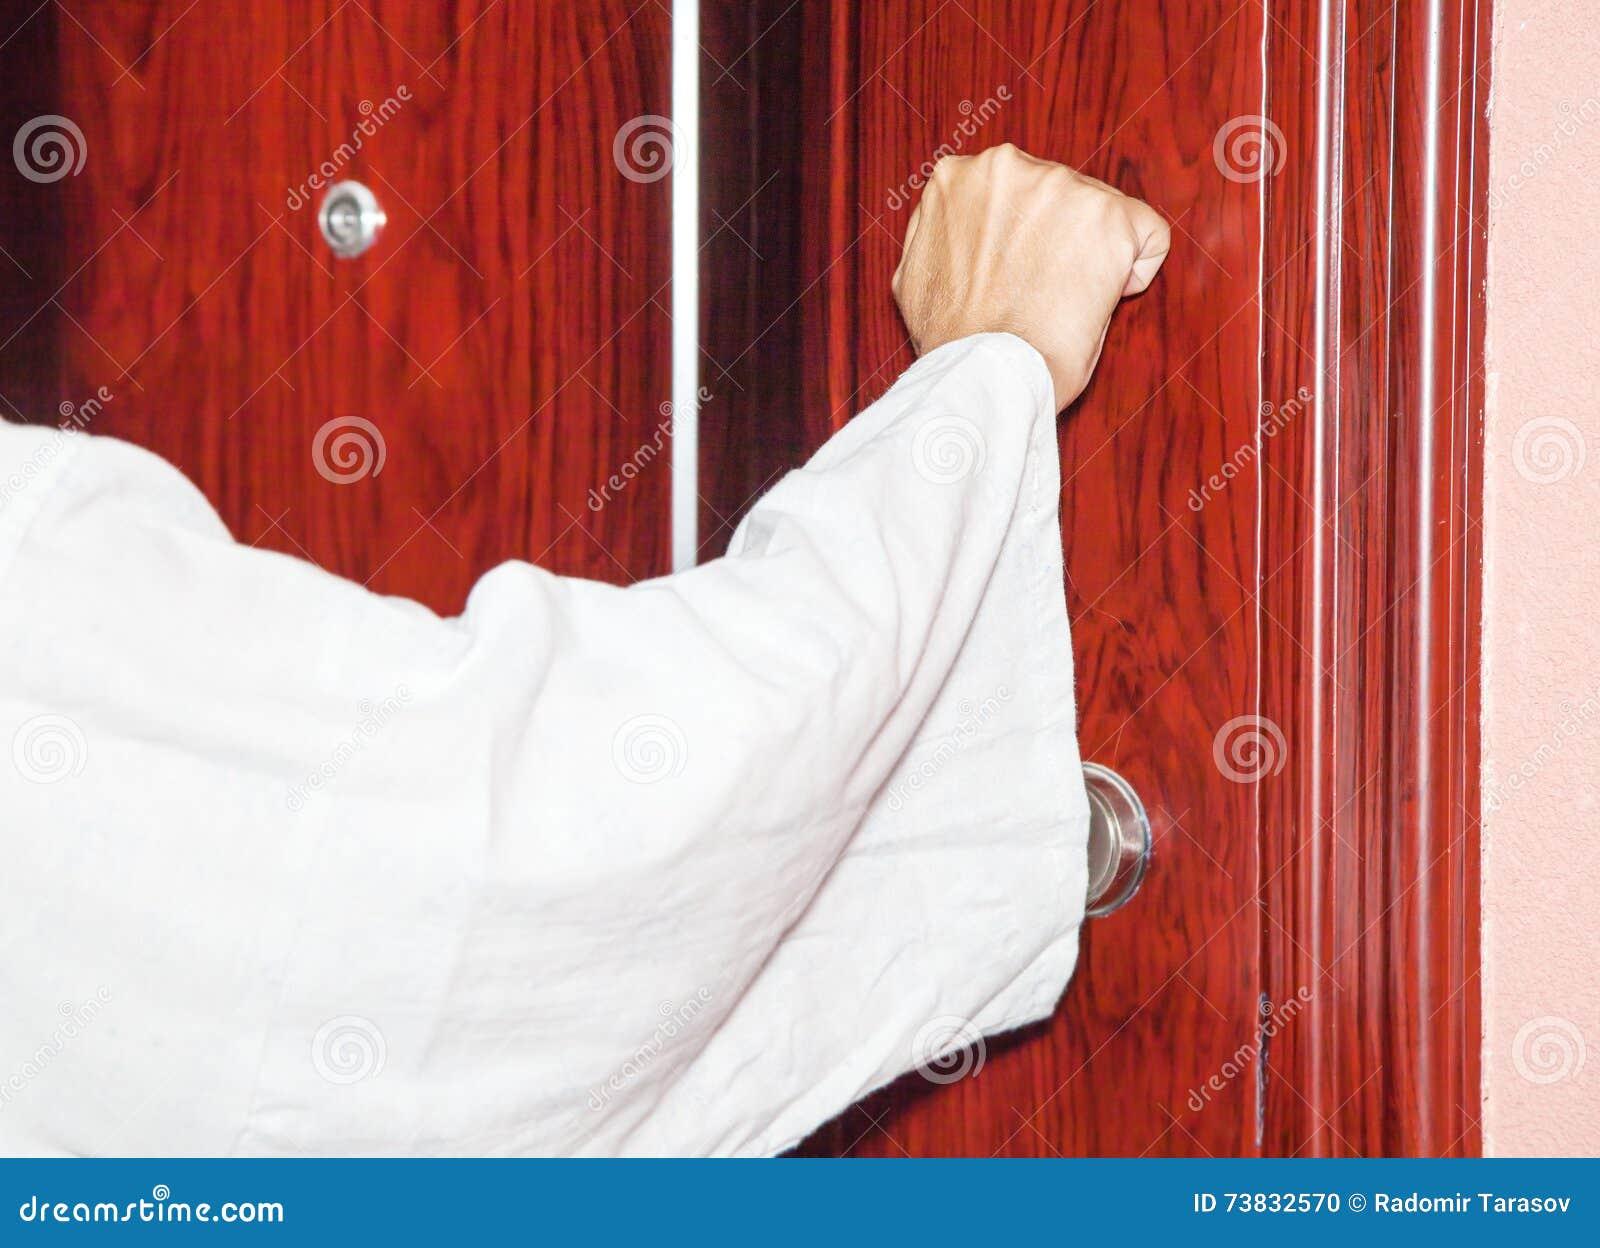 Door knock door knock handle of door number 8 stock image for Door knocking sound